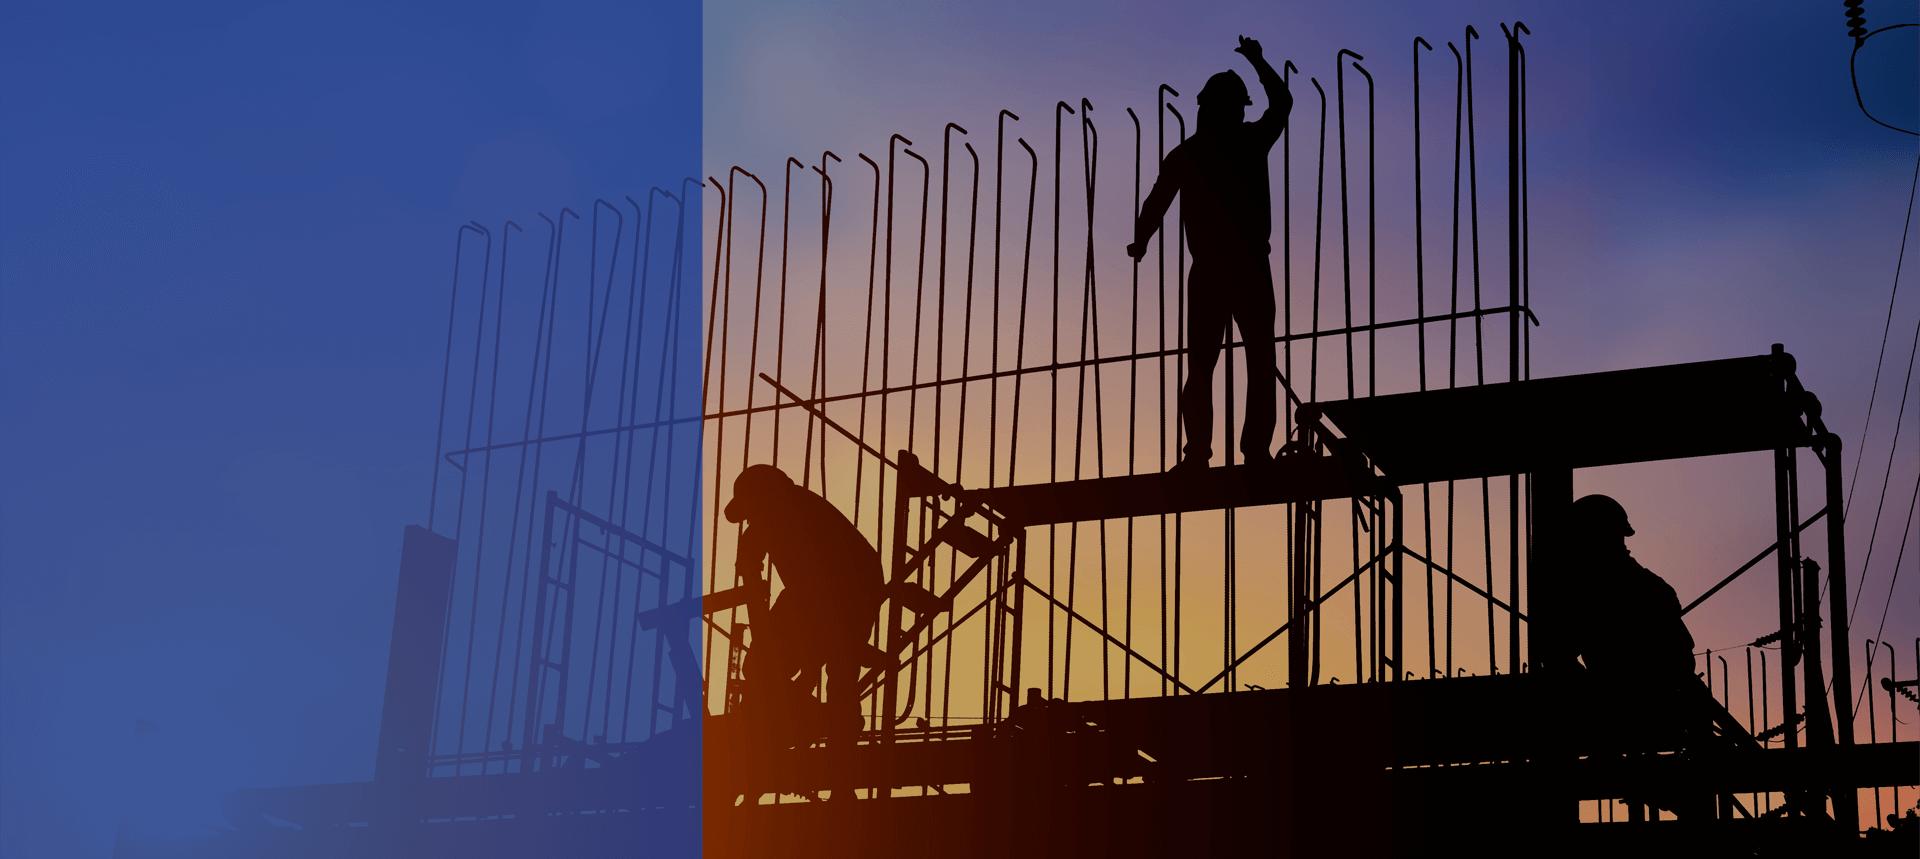 Ilgaamžiai statybų sprendimai